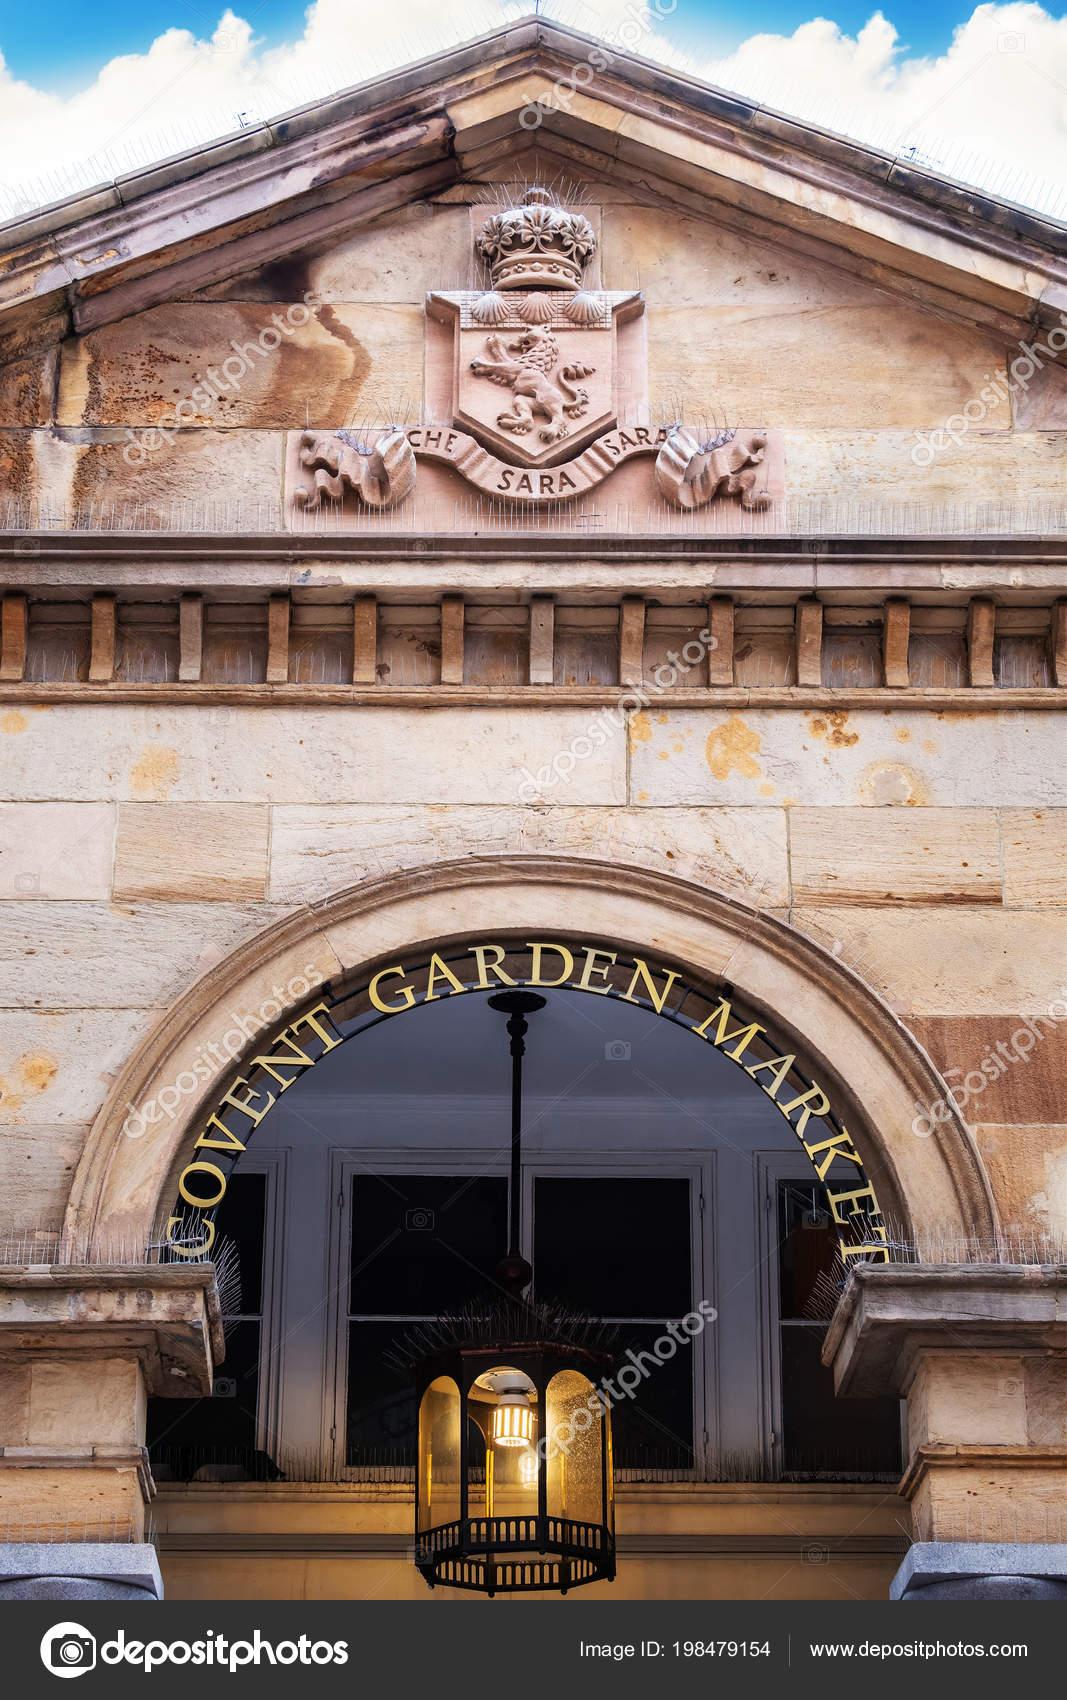 depositphotos stock photo covent garden market london